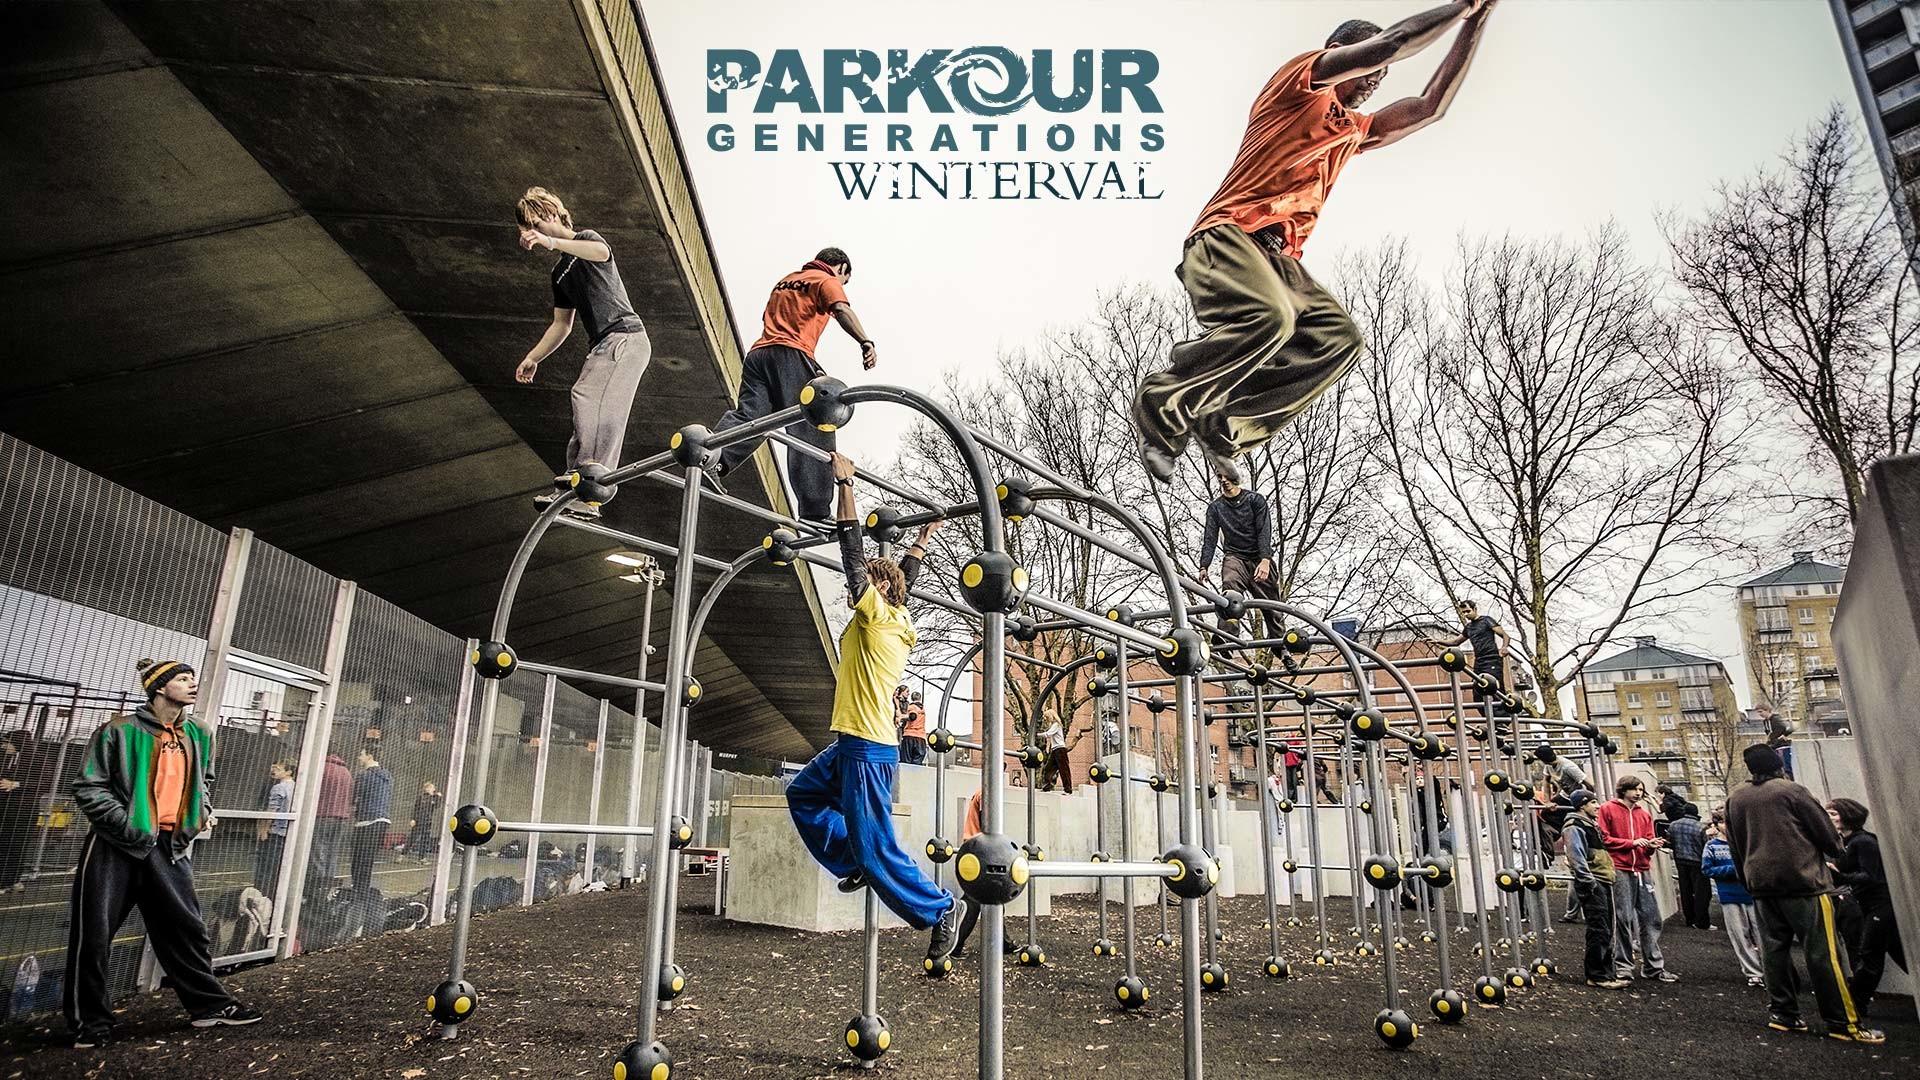 2048x1536 Welpenplatz Mit Parkour Download 1920x1080